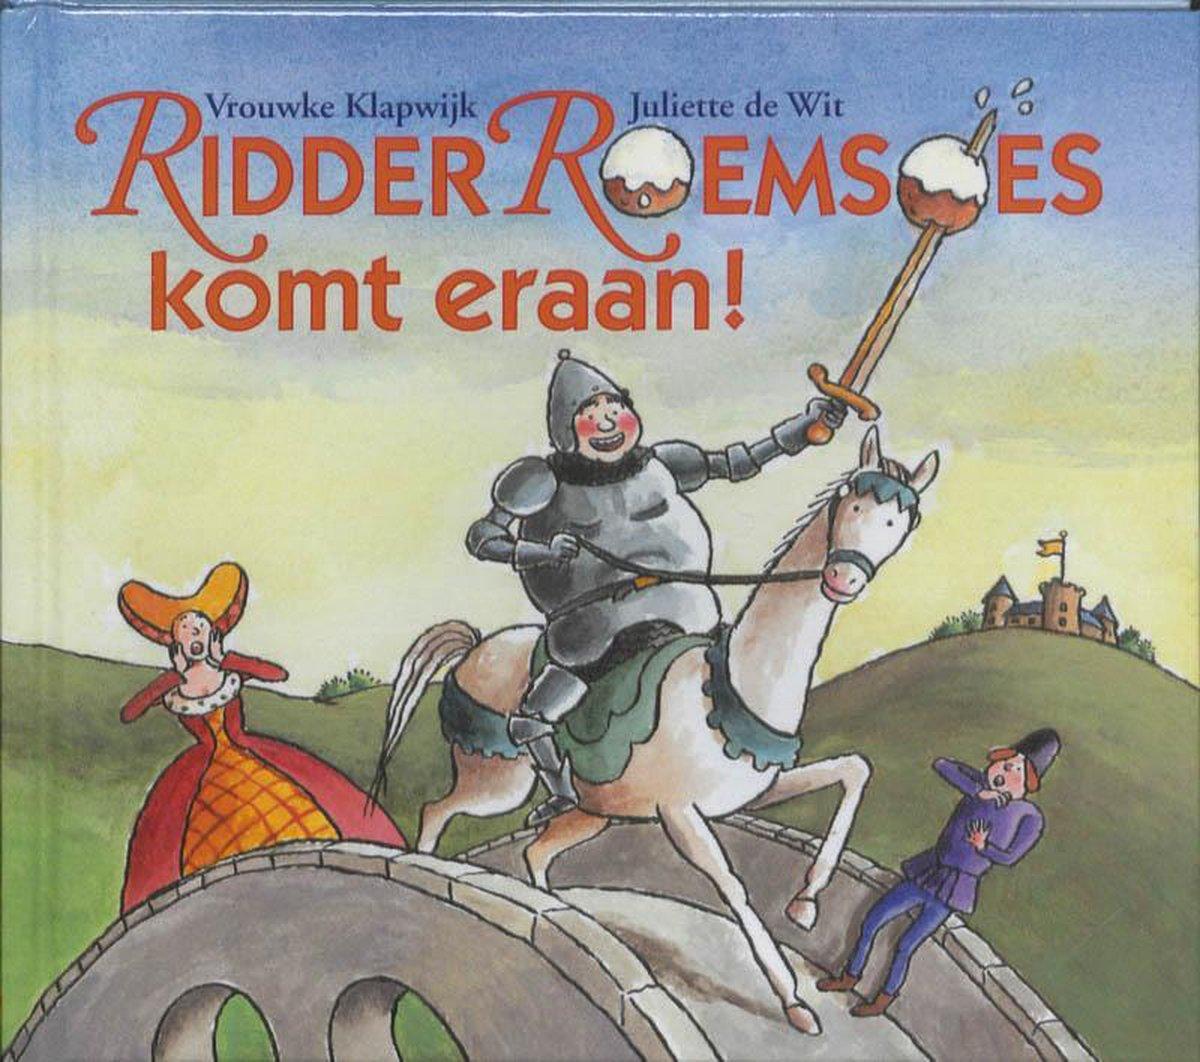 Ridder Roemsoes Komt Eraan!